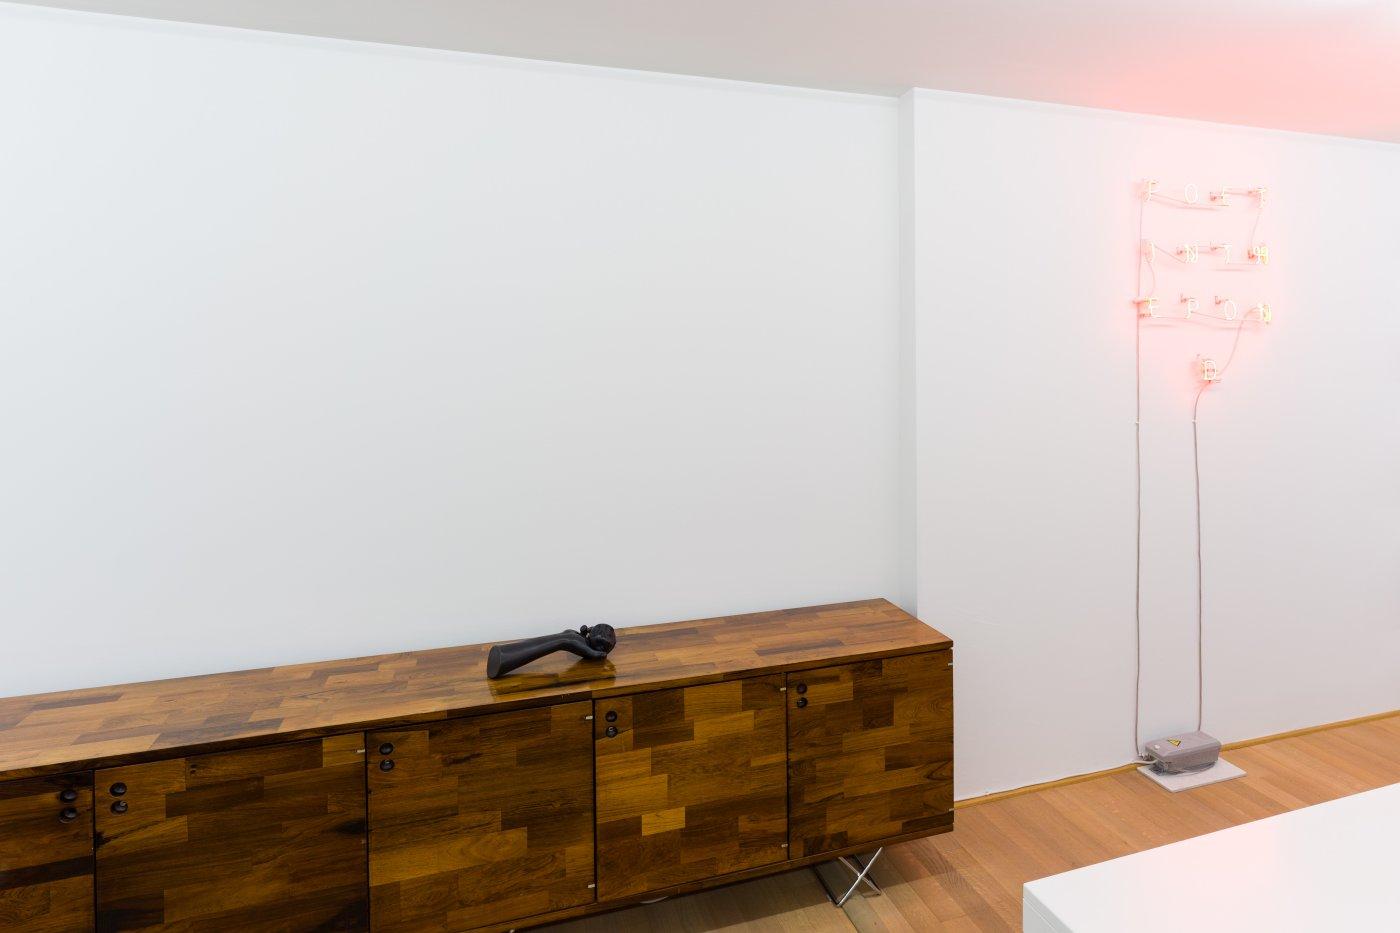 Mai 36 Galerie Ernst Caramelle Jorge Mendez Blake Christoph Rutimann 5